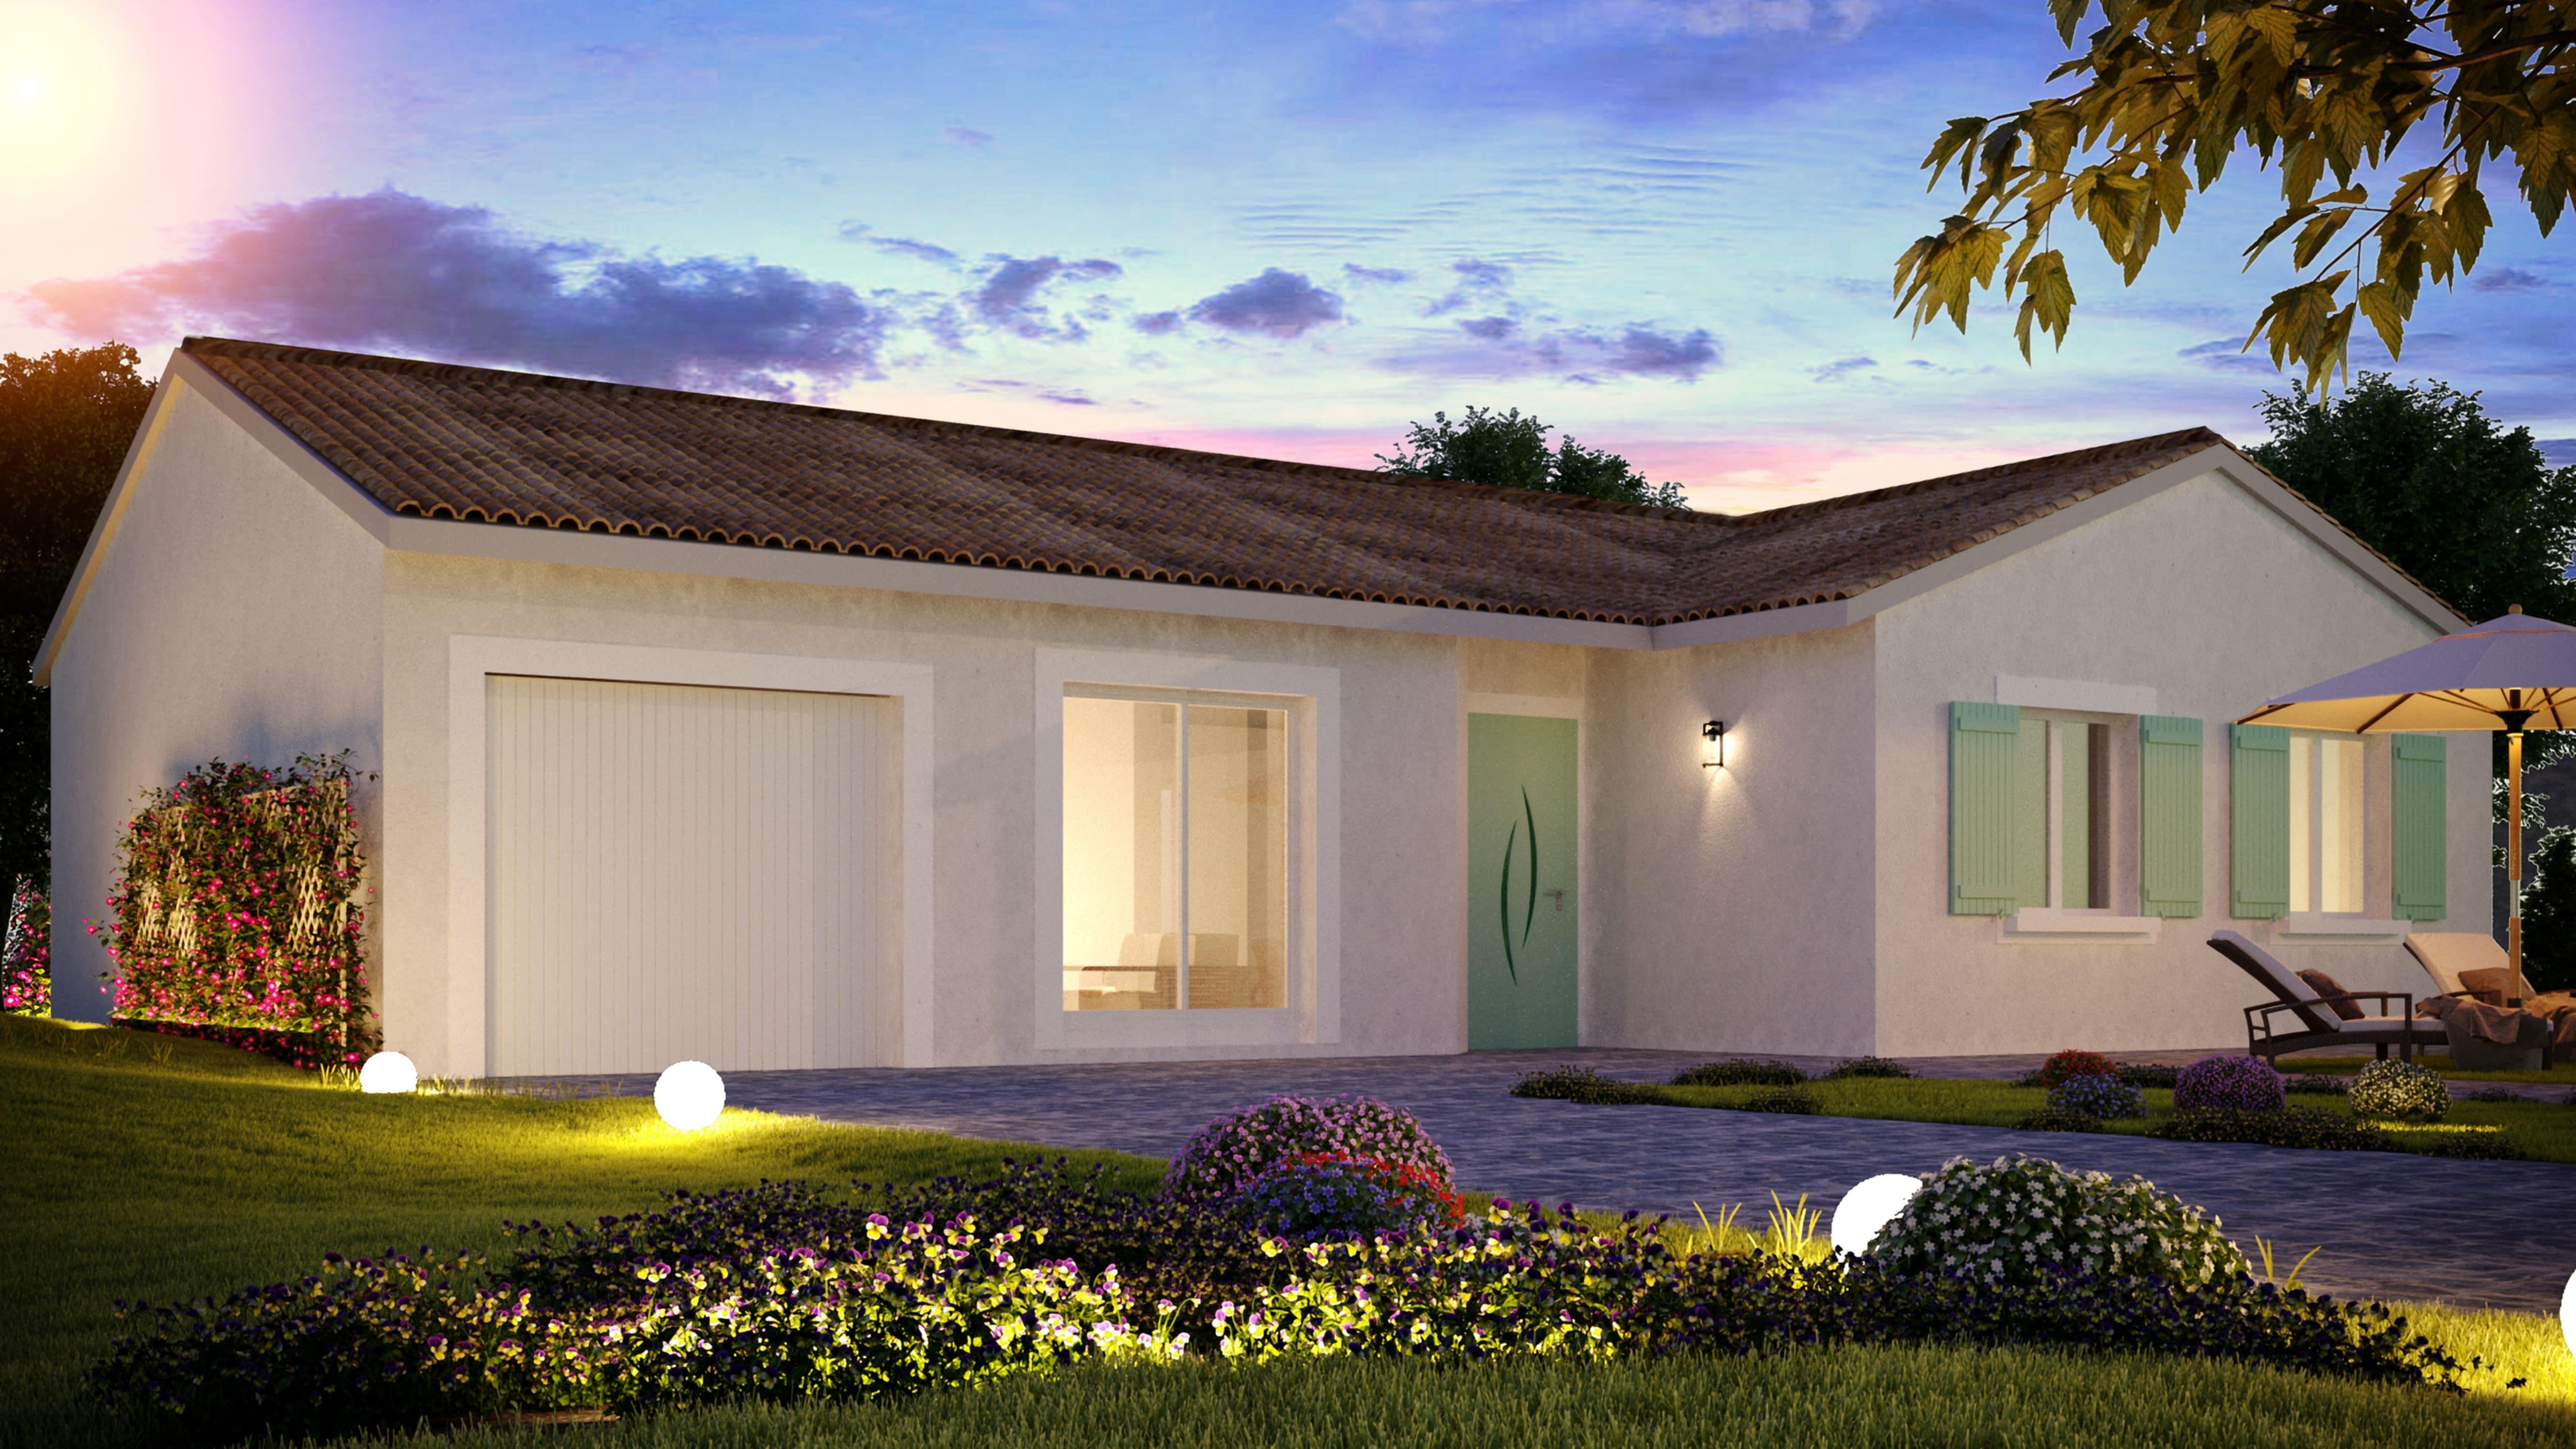 Maisons + Terrains du constructeur VIV'HOME • 91 m² • ESNANDES